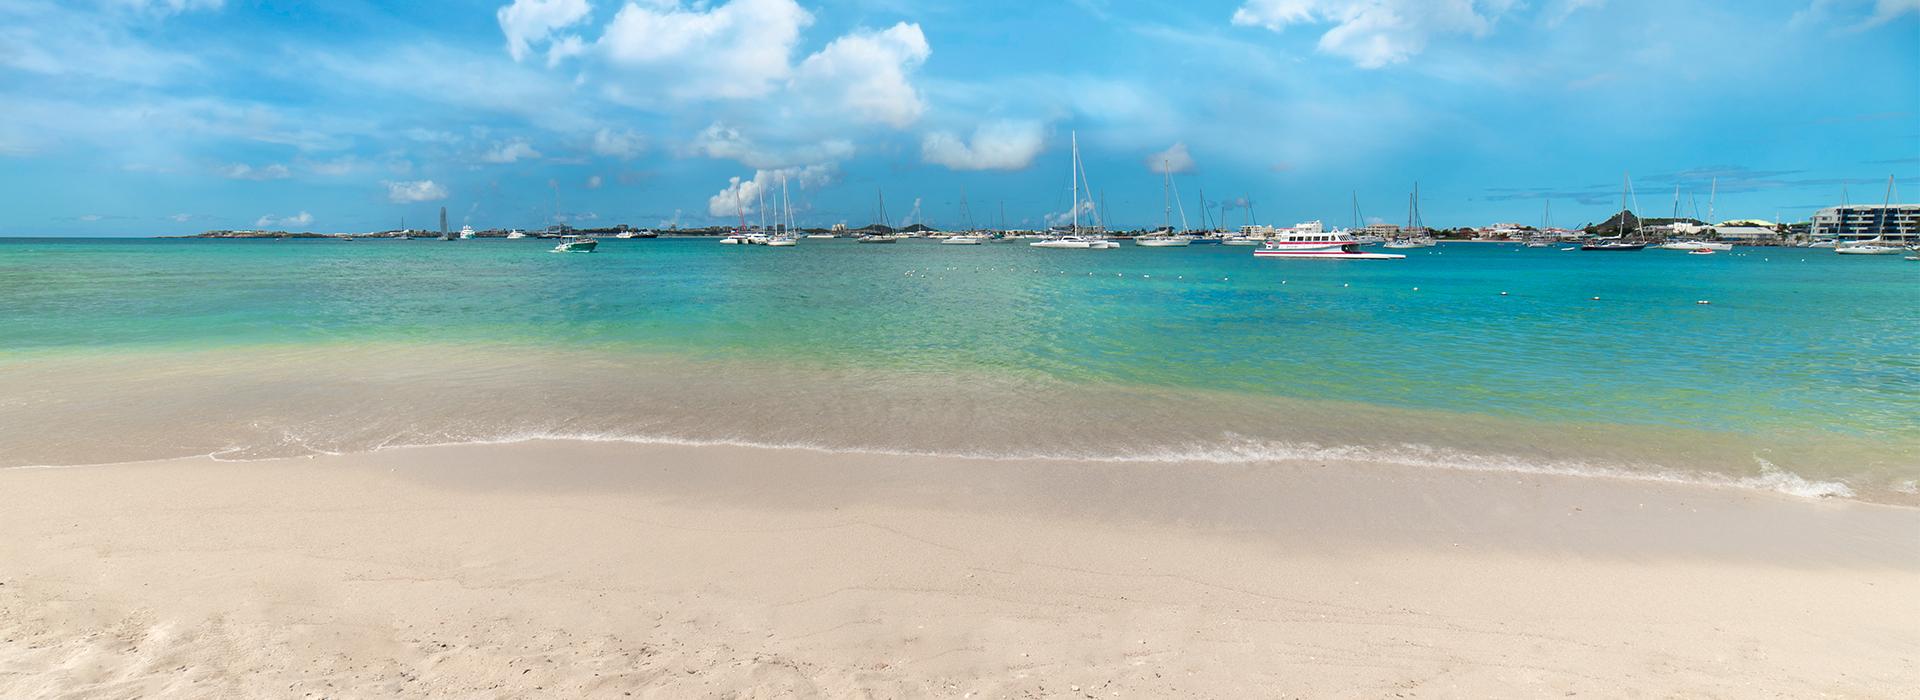 st maarten island beach